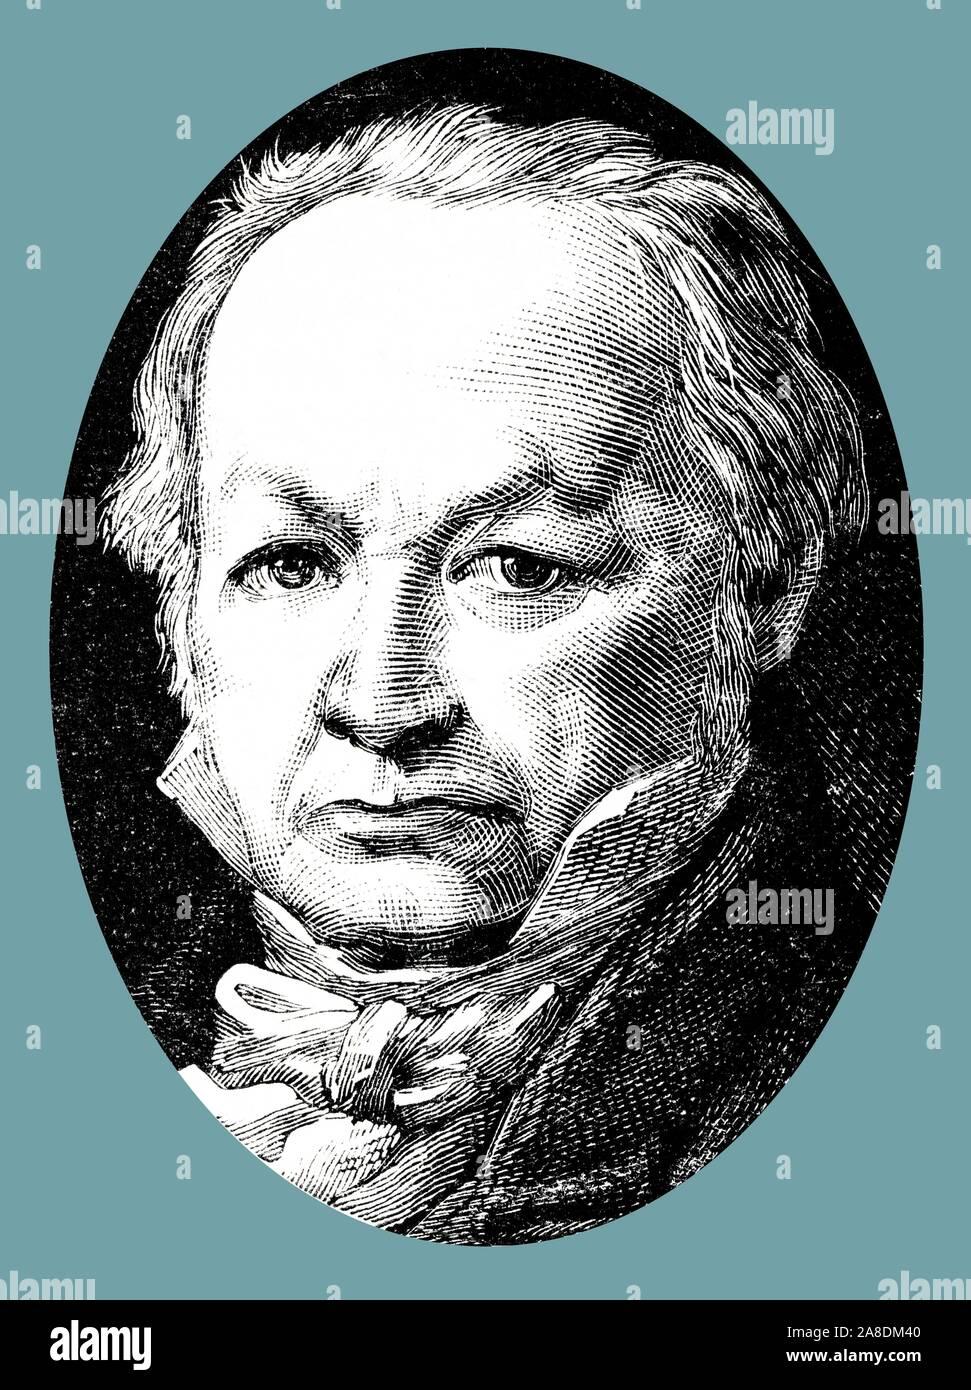 Francisco de Goya Lucientes (1746-1828), pintor y grabador español. Grabado de 1877. Foto de stock